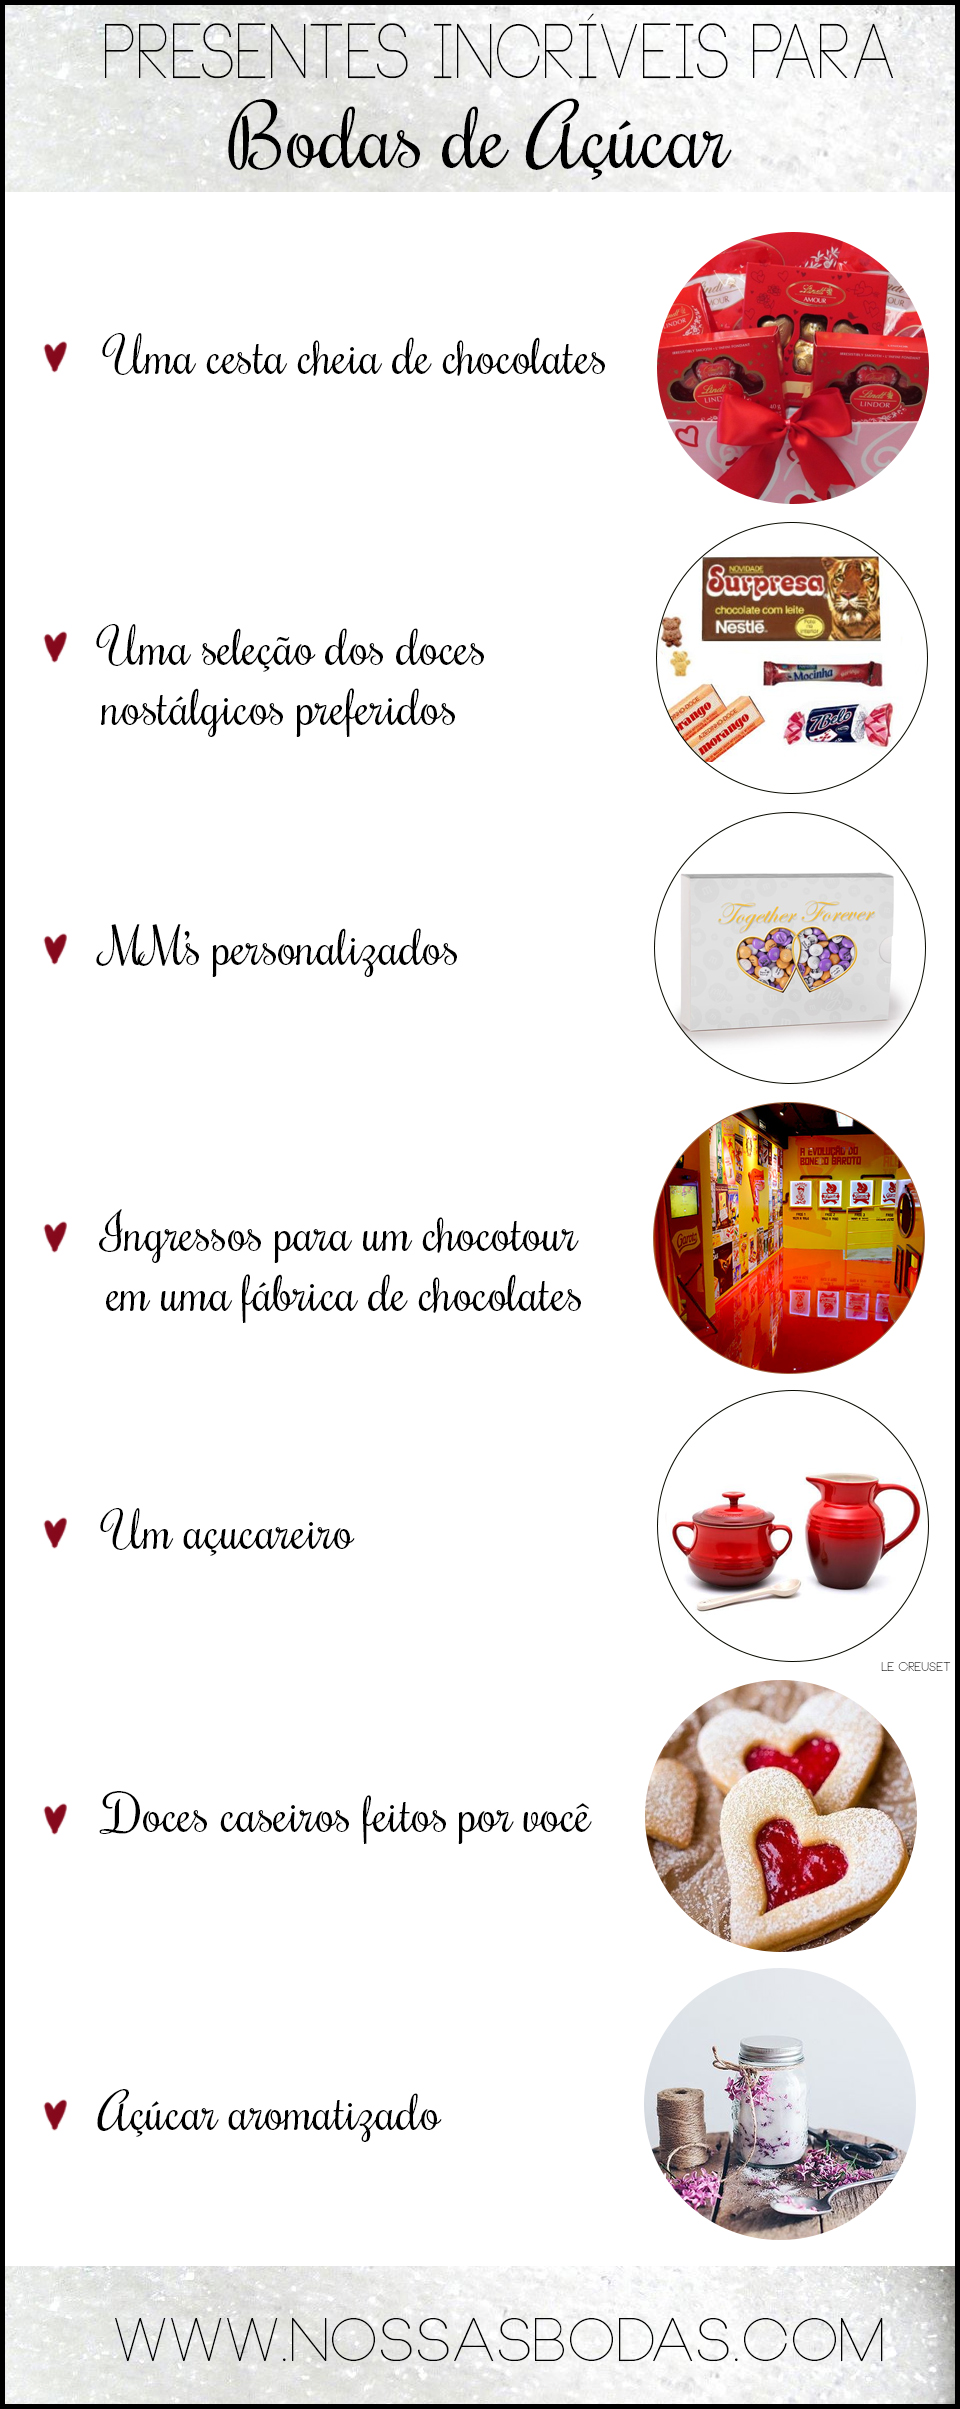 Presentes criativos para comemorar o sexto aniversário de casamento (bodas de açúcar ou perfume)